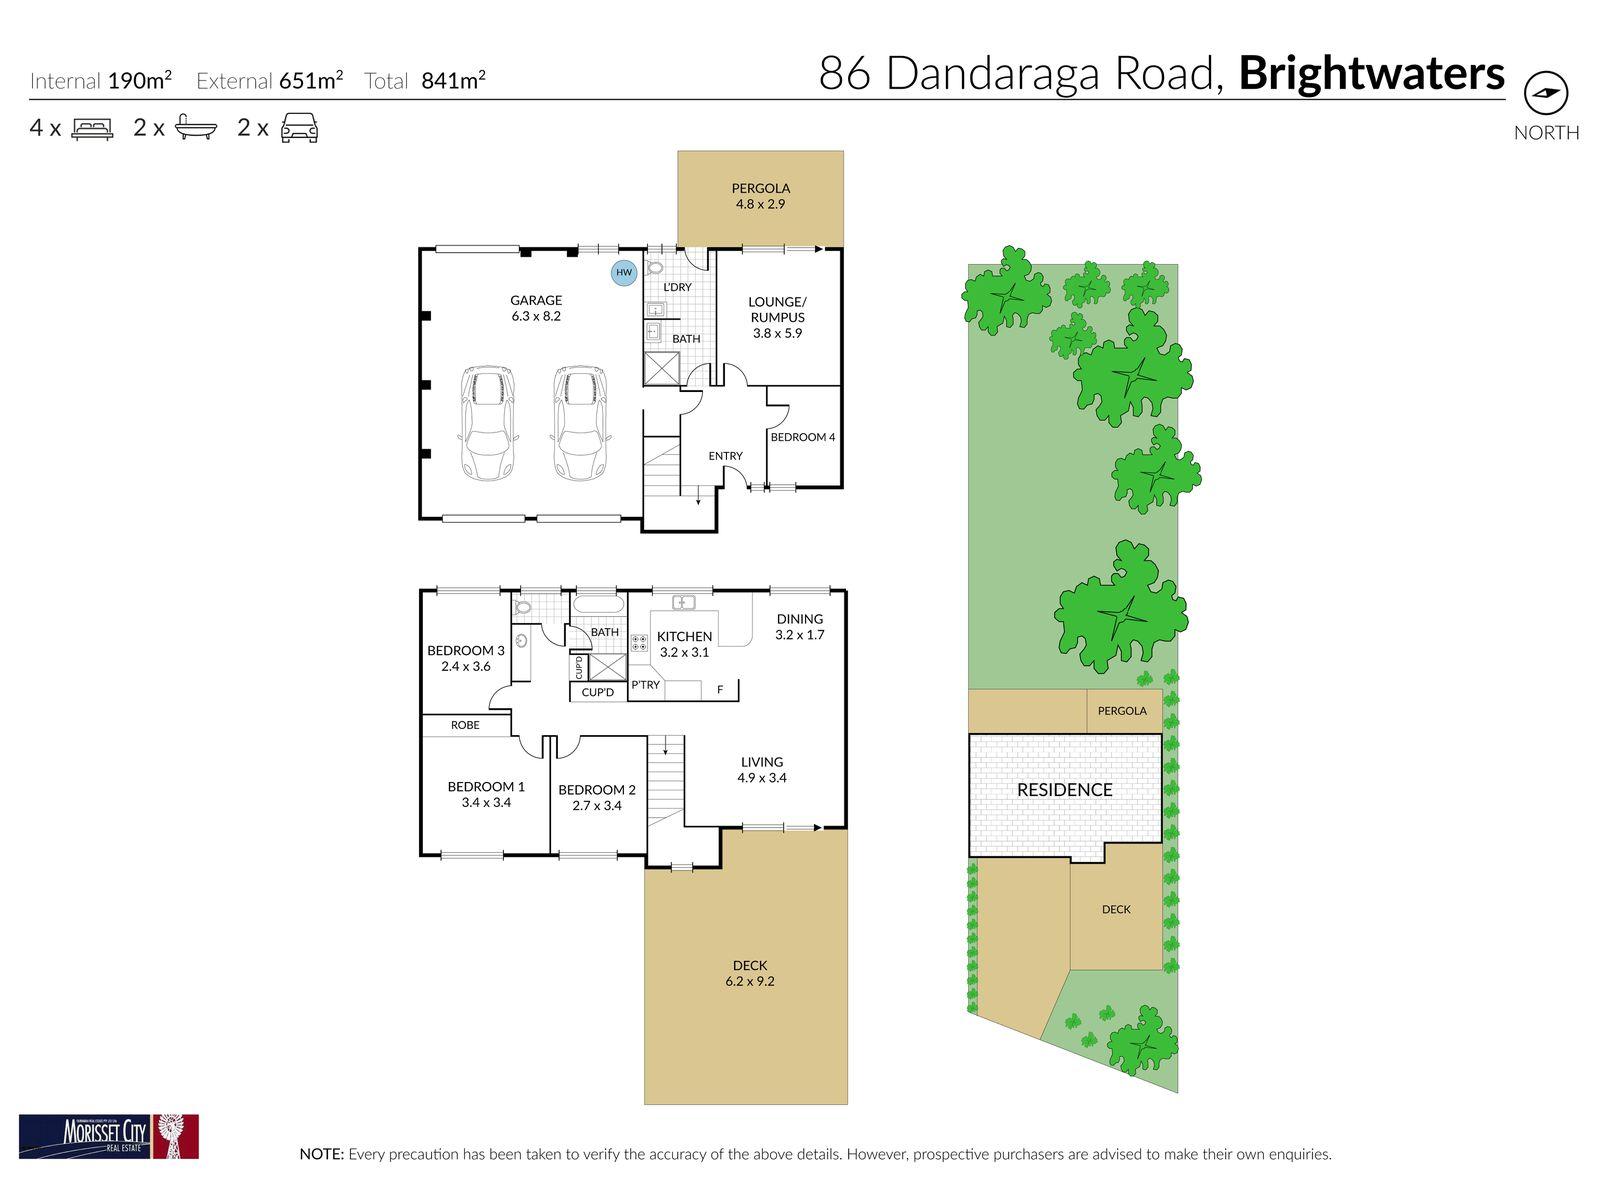 86 Dandaraga Road, Brightwaters